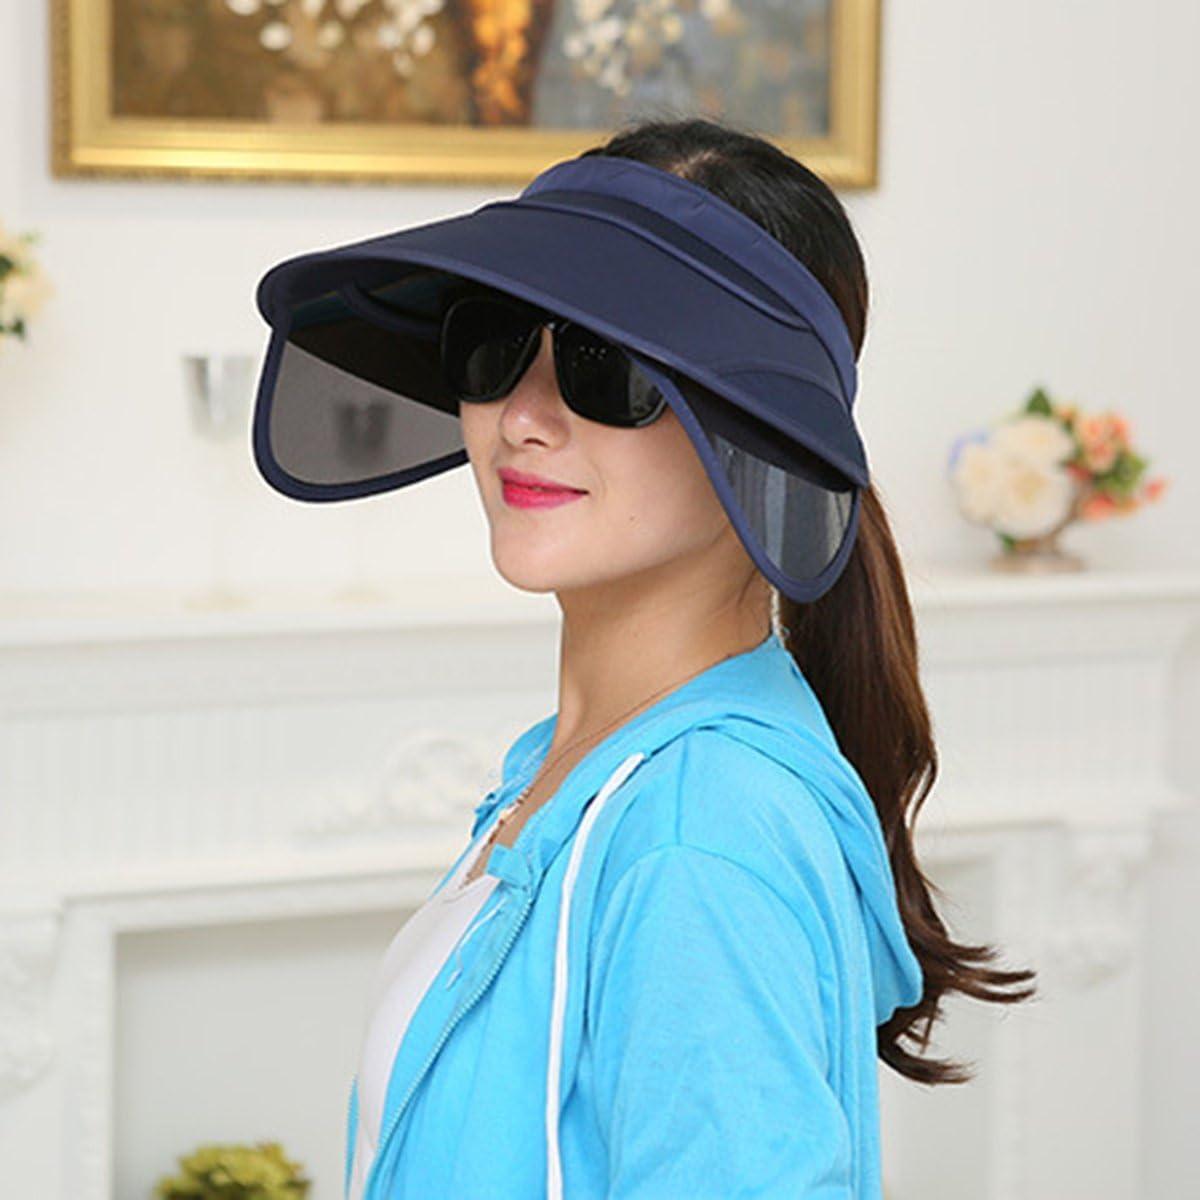 Beige TININNA Sombrero,Moda Sombrero Visera de Sol del Verano Mujeres Escalable Plegable resiste UV Gorro del Playa Viaje Ciclismo